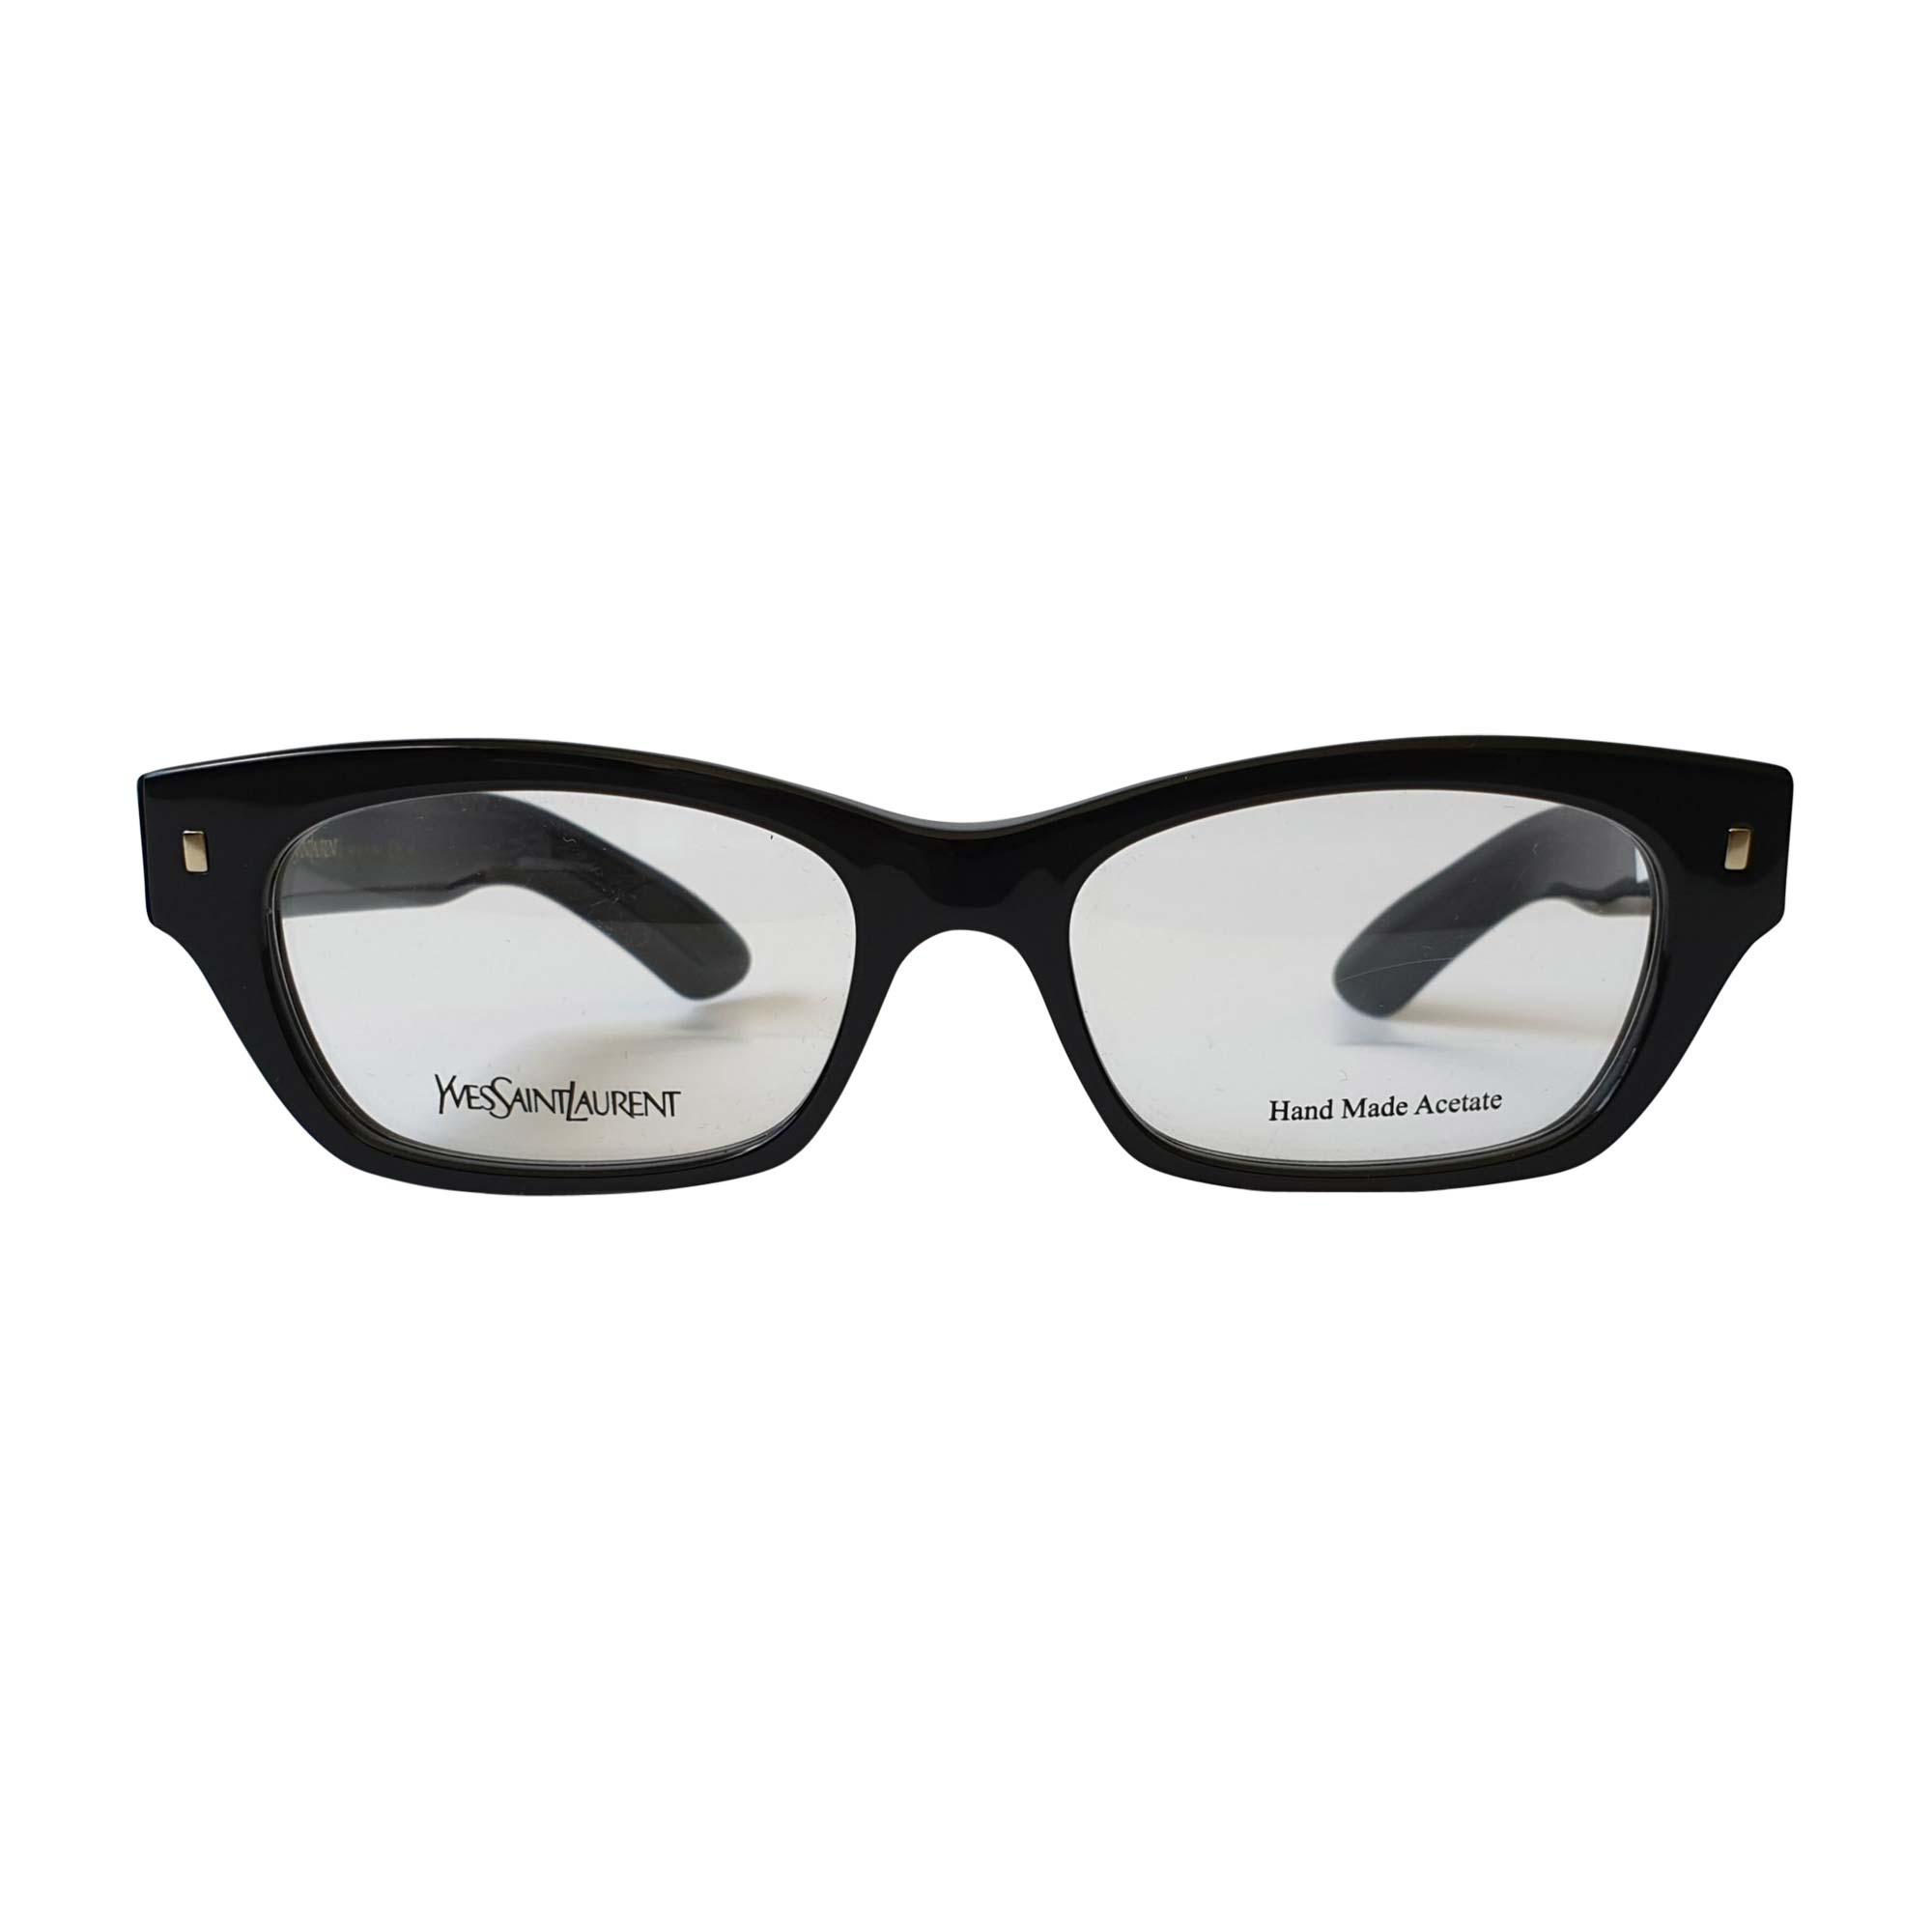 Eyeglass Frames YVES SAINT LAURENT Black